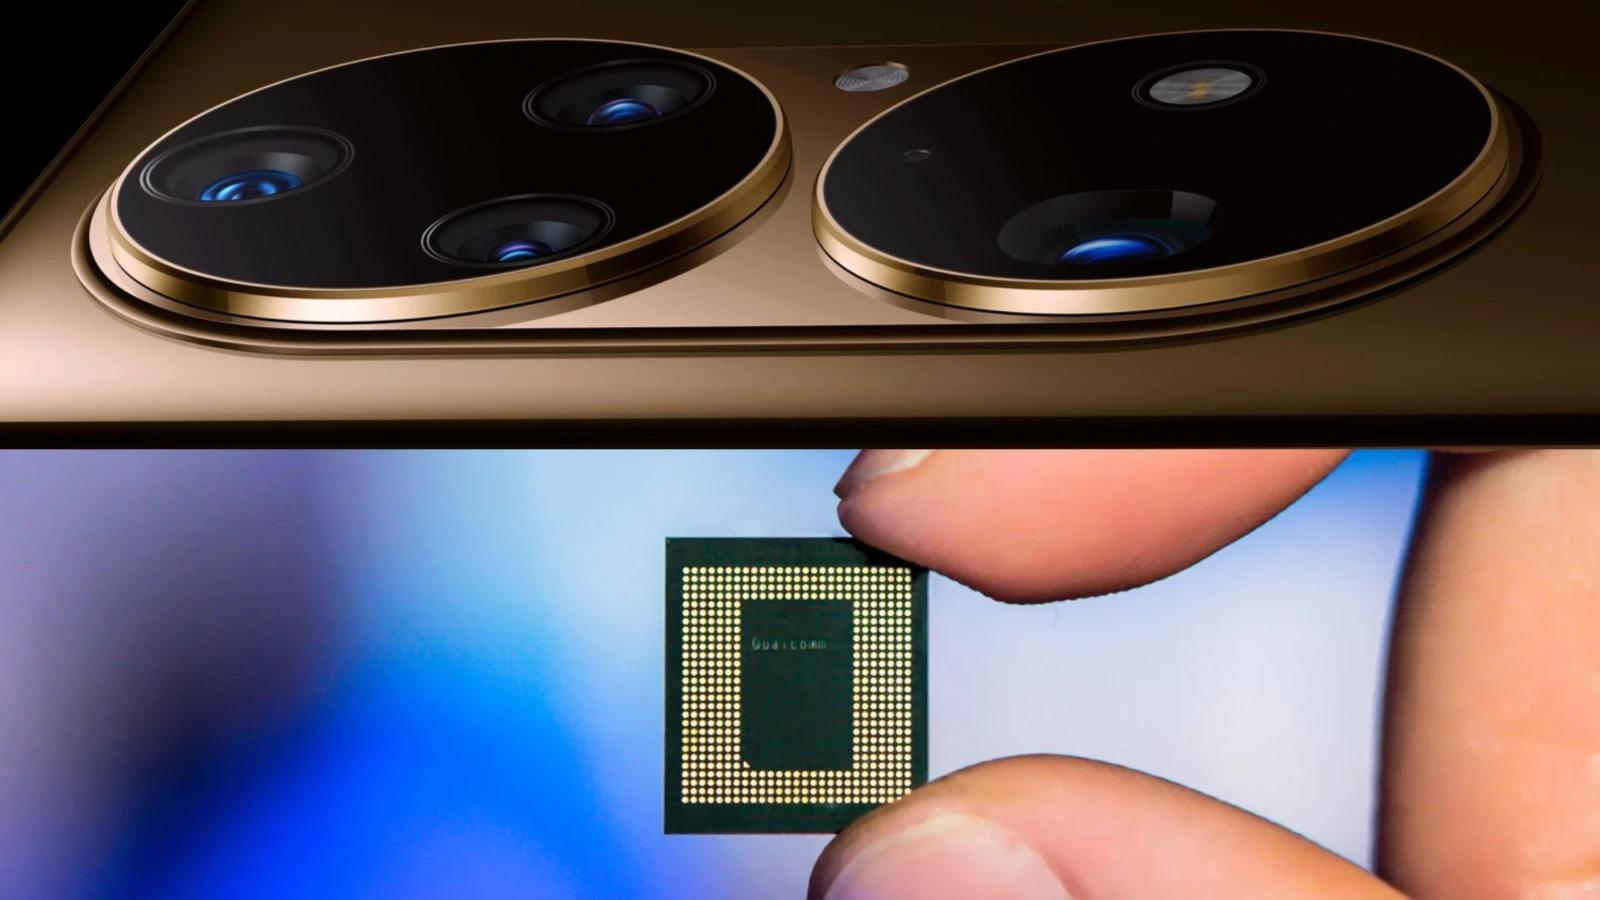 Qualcomm sẽ giải cứu Huawei bằng cách làm riêng dòng chip cao cấp không có kết nối 5G. Ảnh: Phonearena.